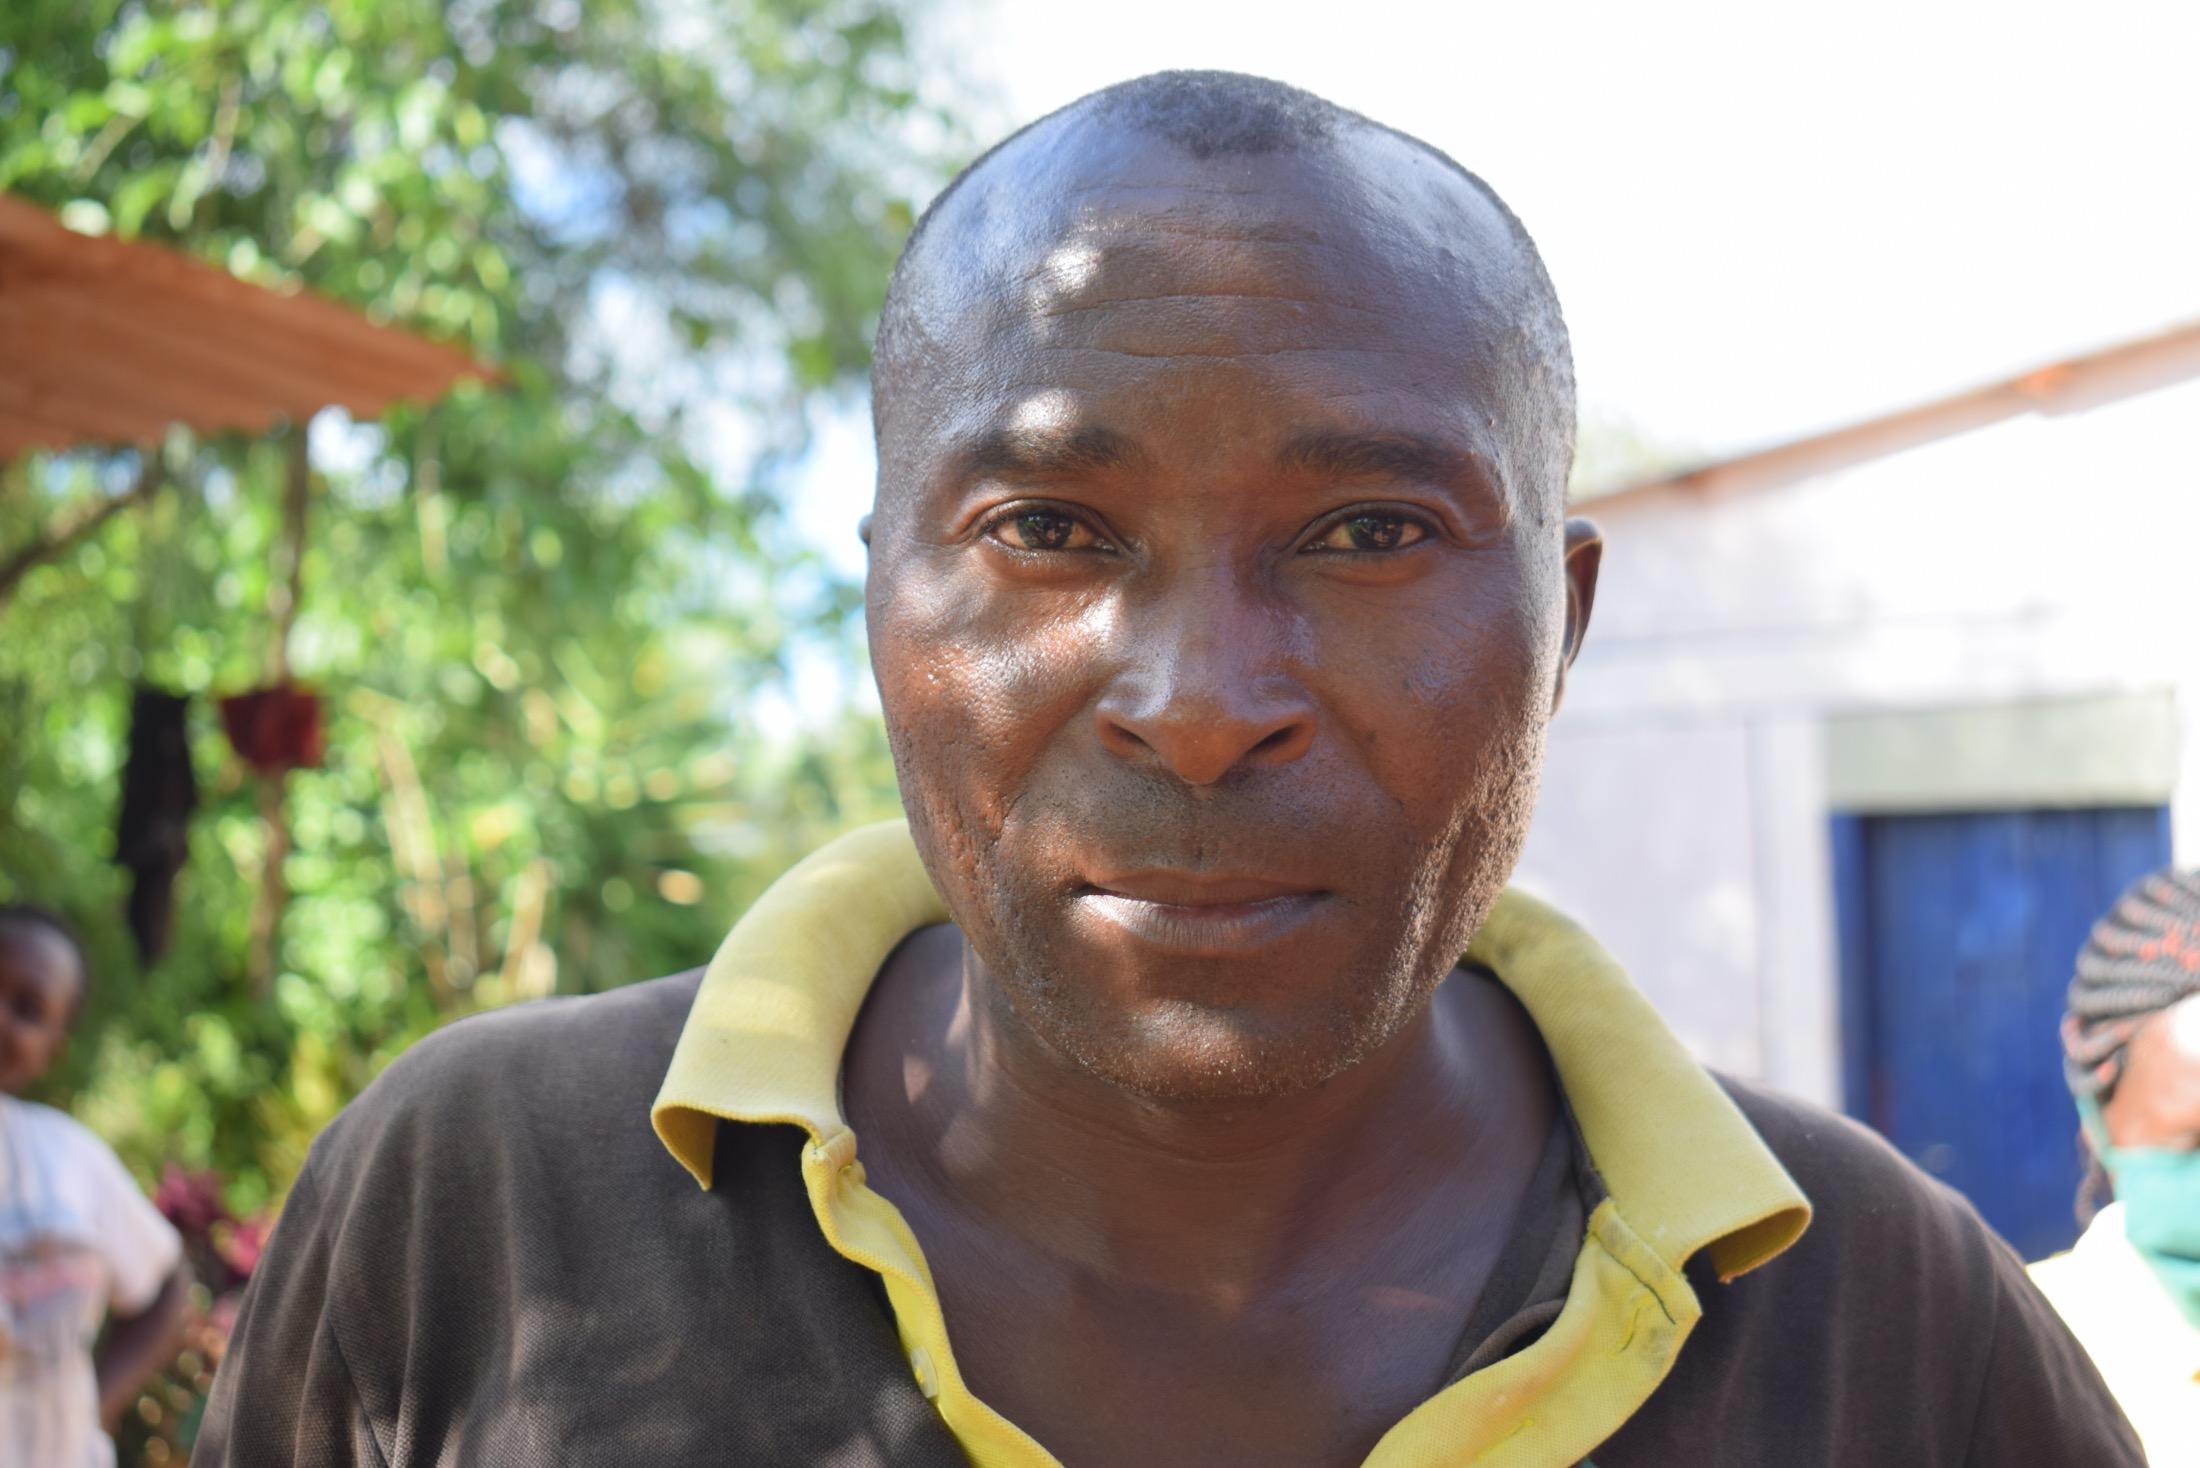 The Water Project : covid19-kenya18184_bernard-wambua-40-years-member